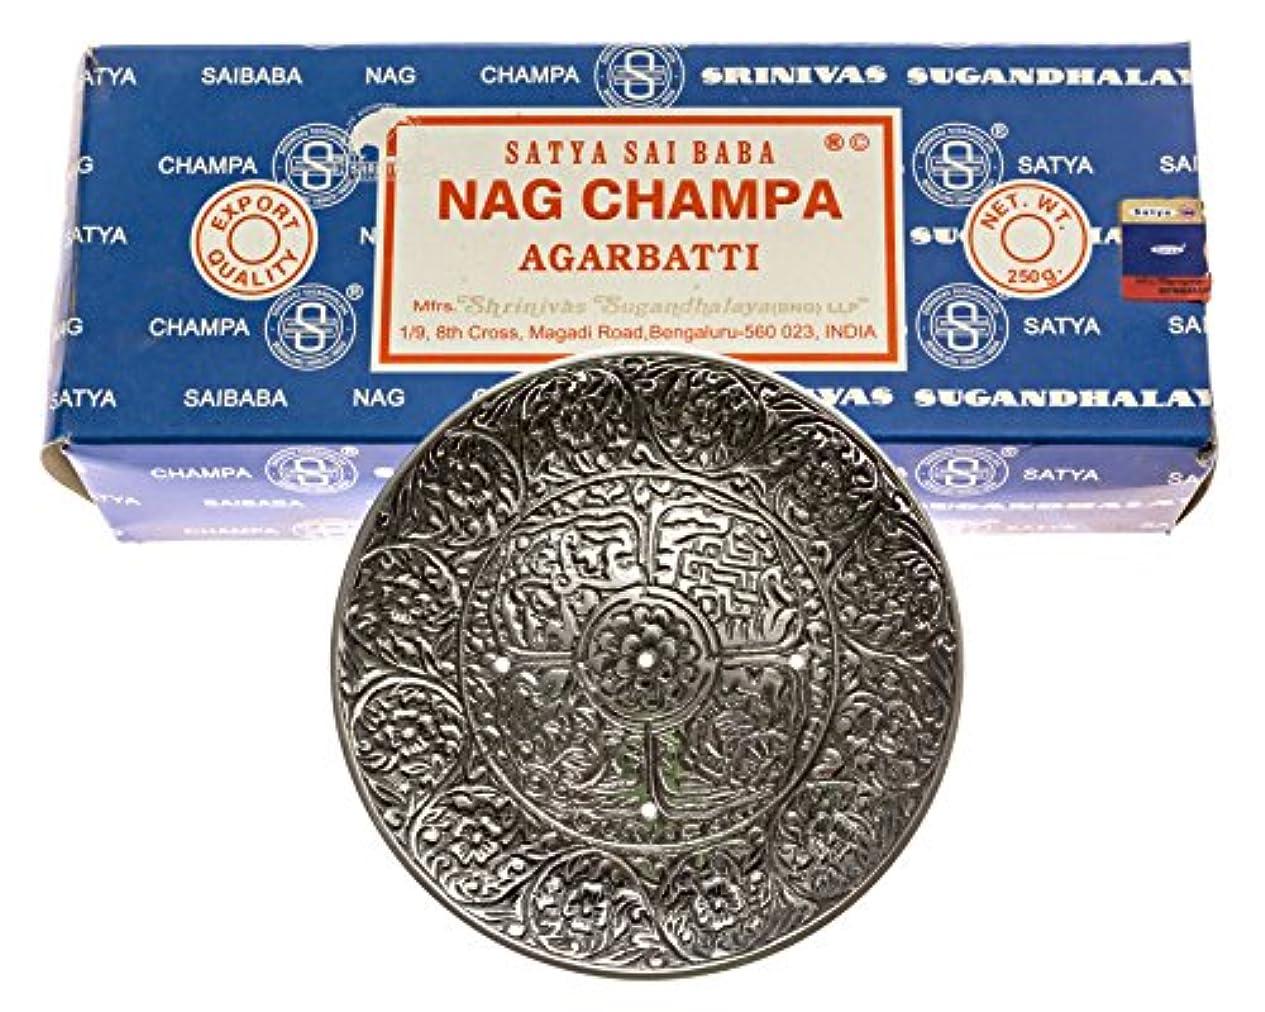 寝具ナース動脈250グラムSatya Sai Baba Nag Champaバンドルwith alternative想像力Incense Burner